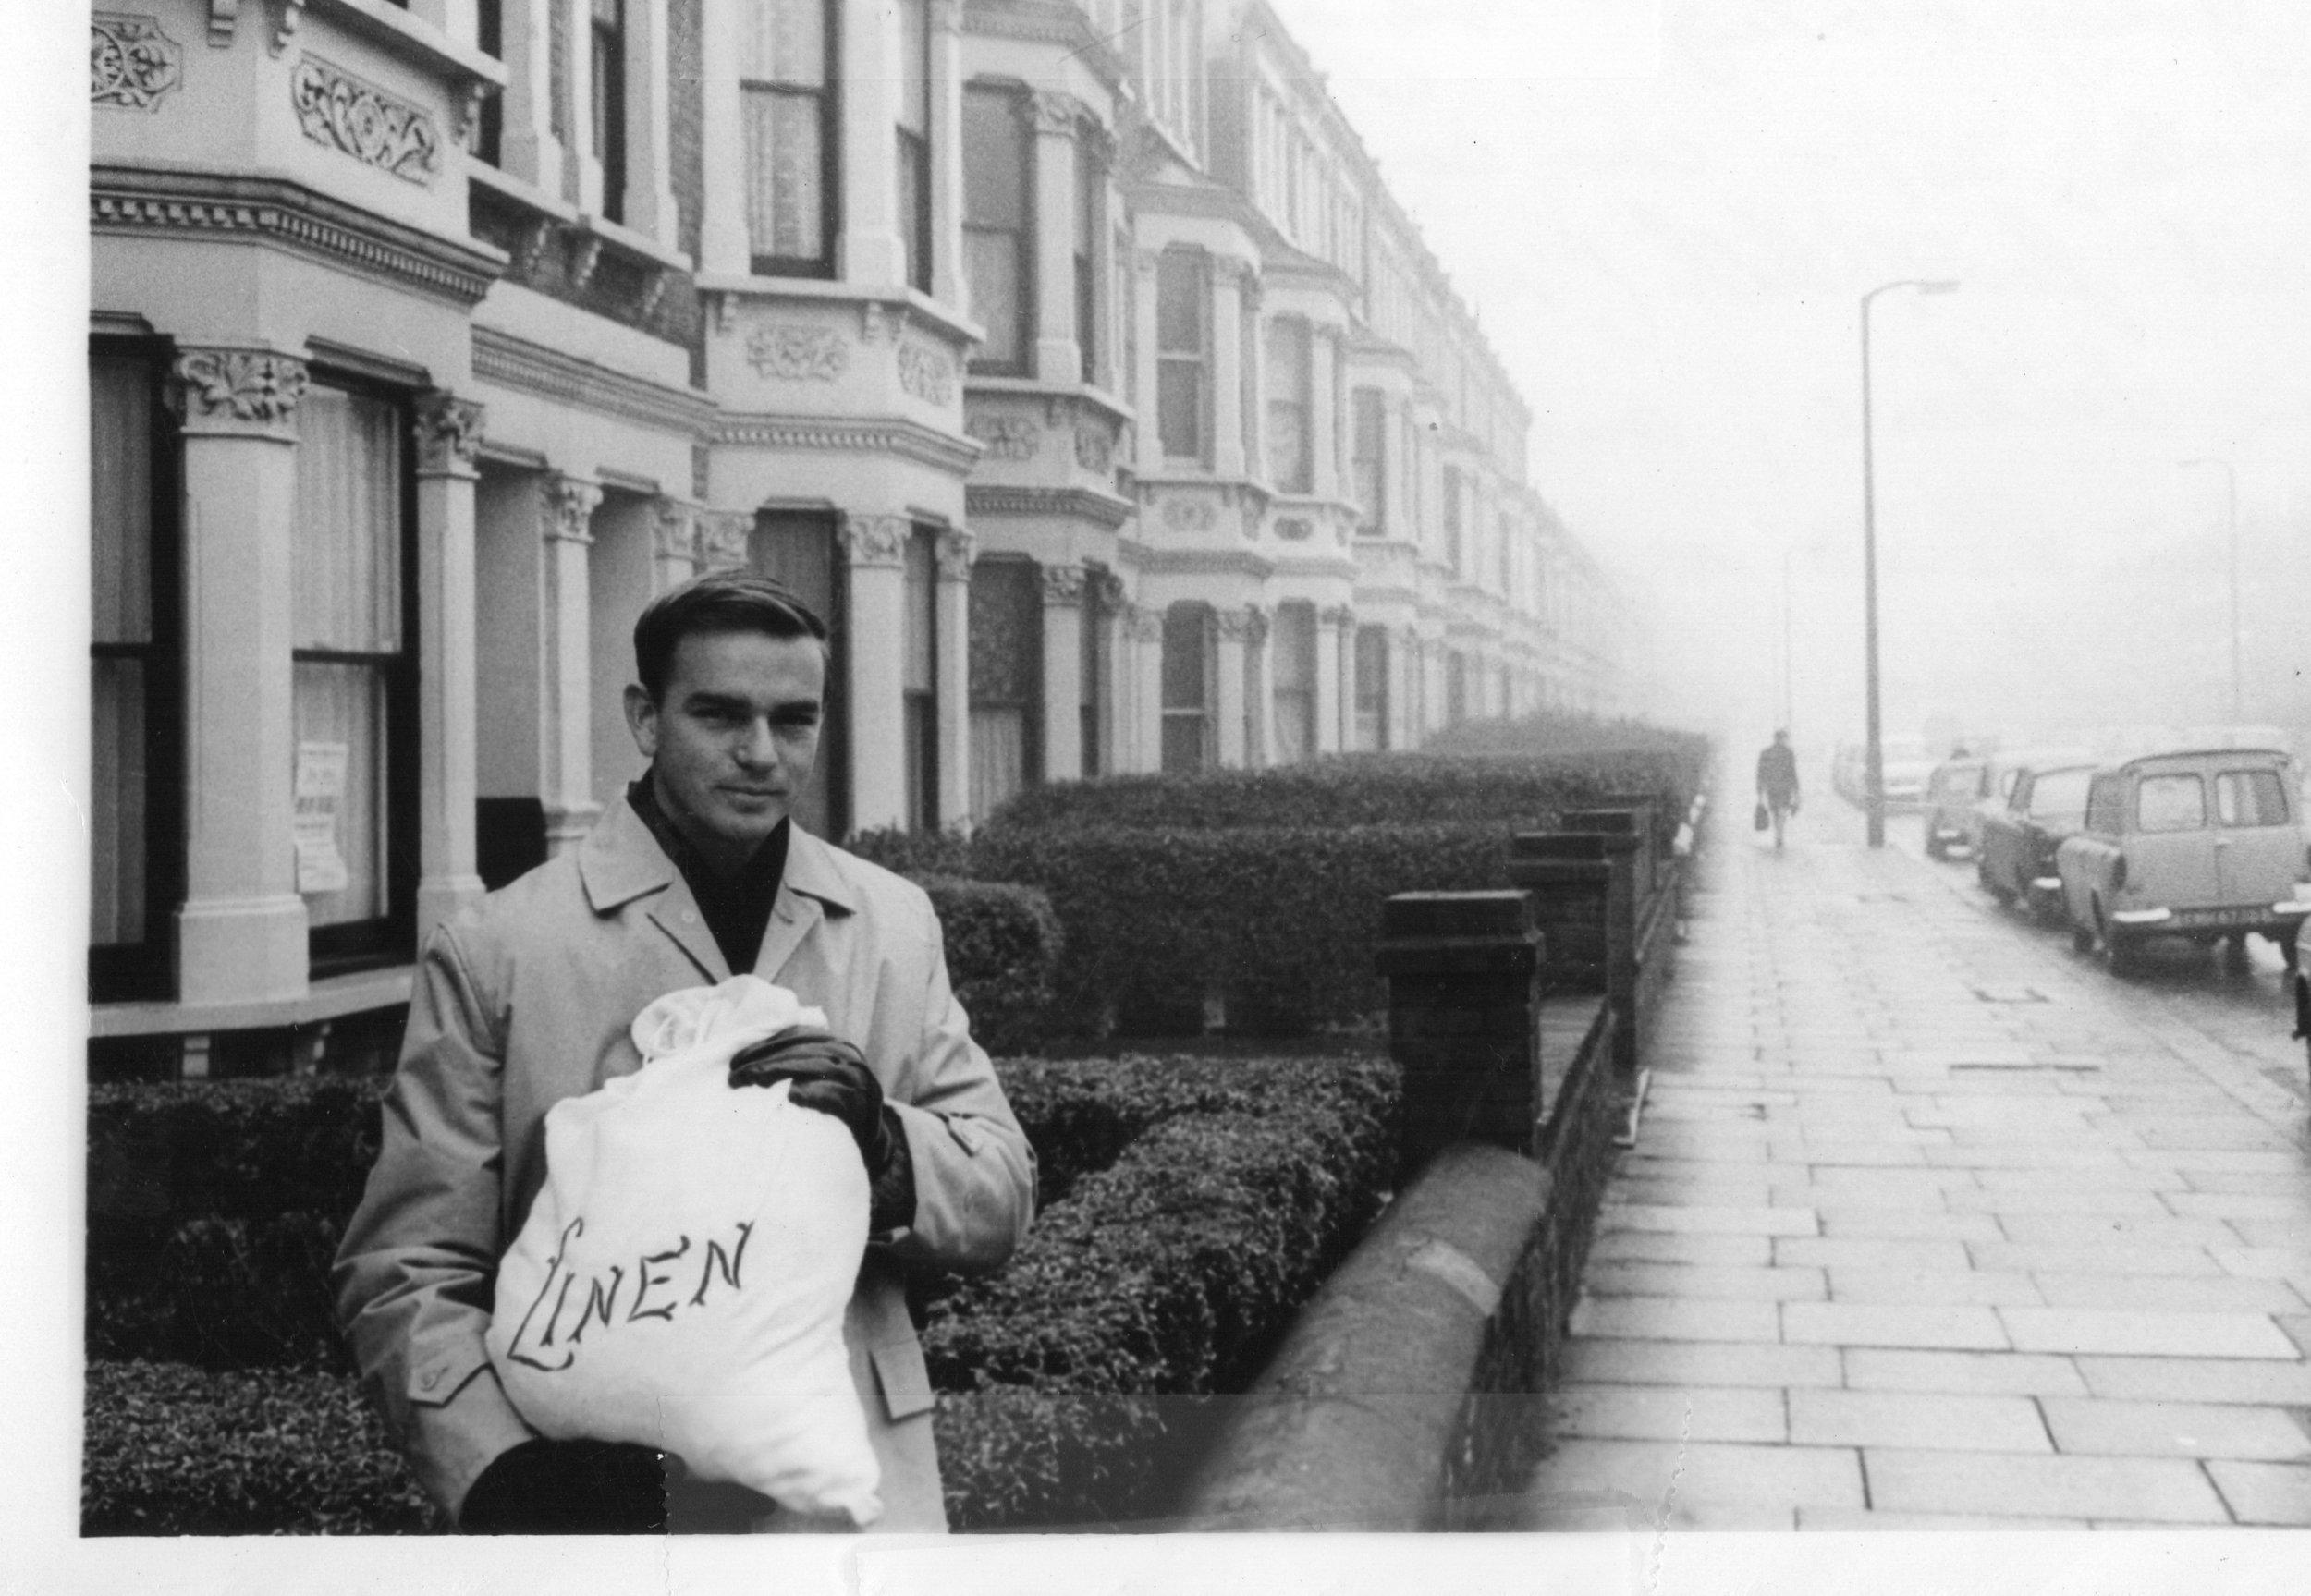 Don Heussler, London, 1967